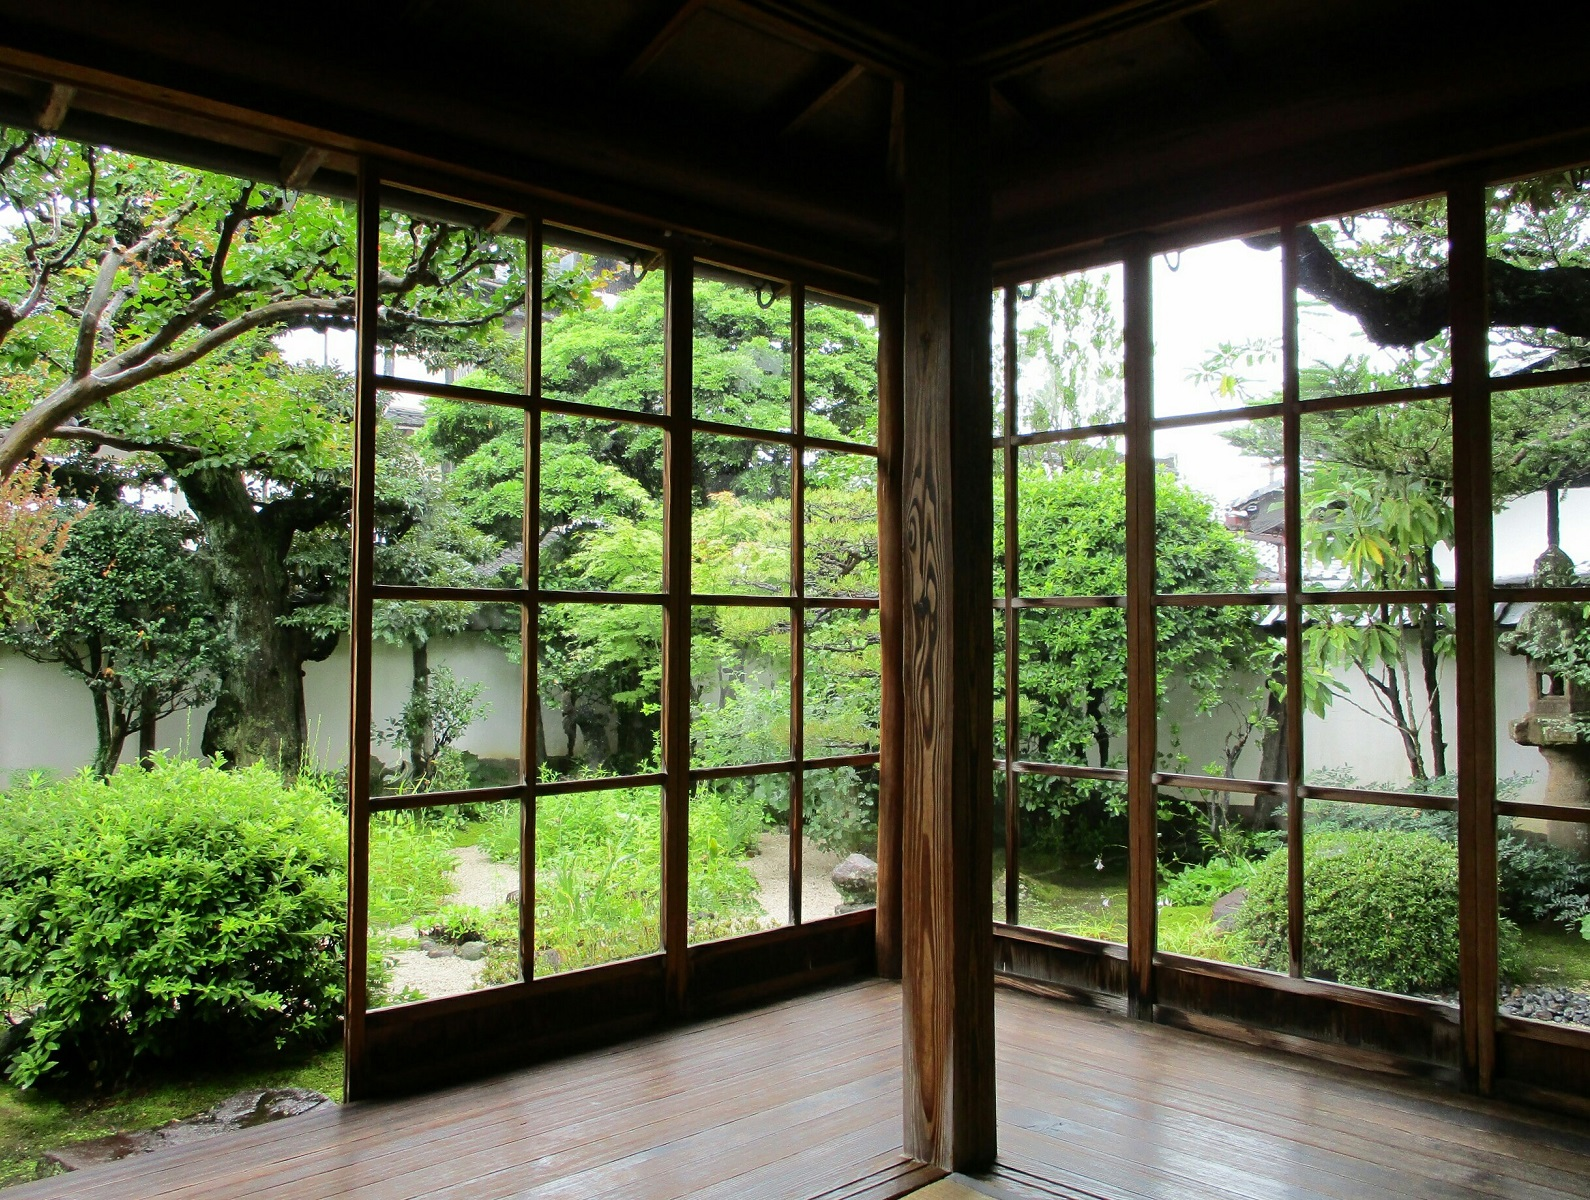 2018.7.7 (56) 小泉八雲旧居 1590-1200